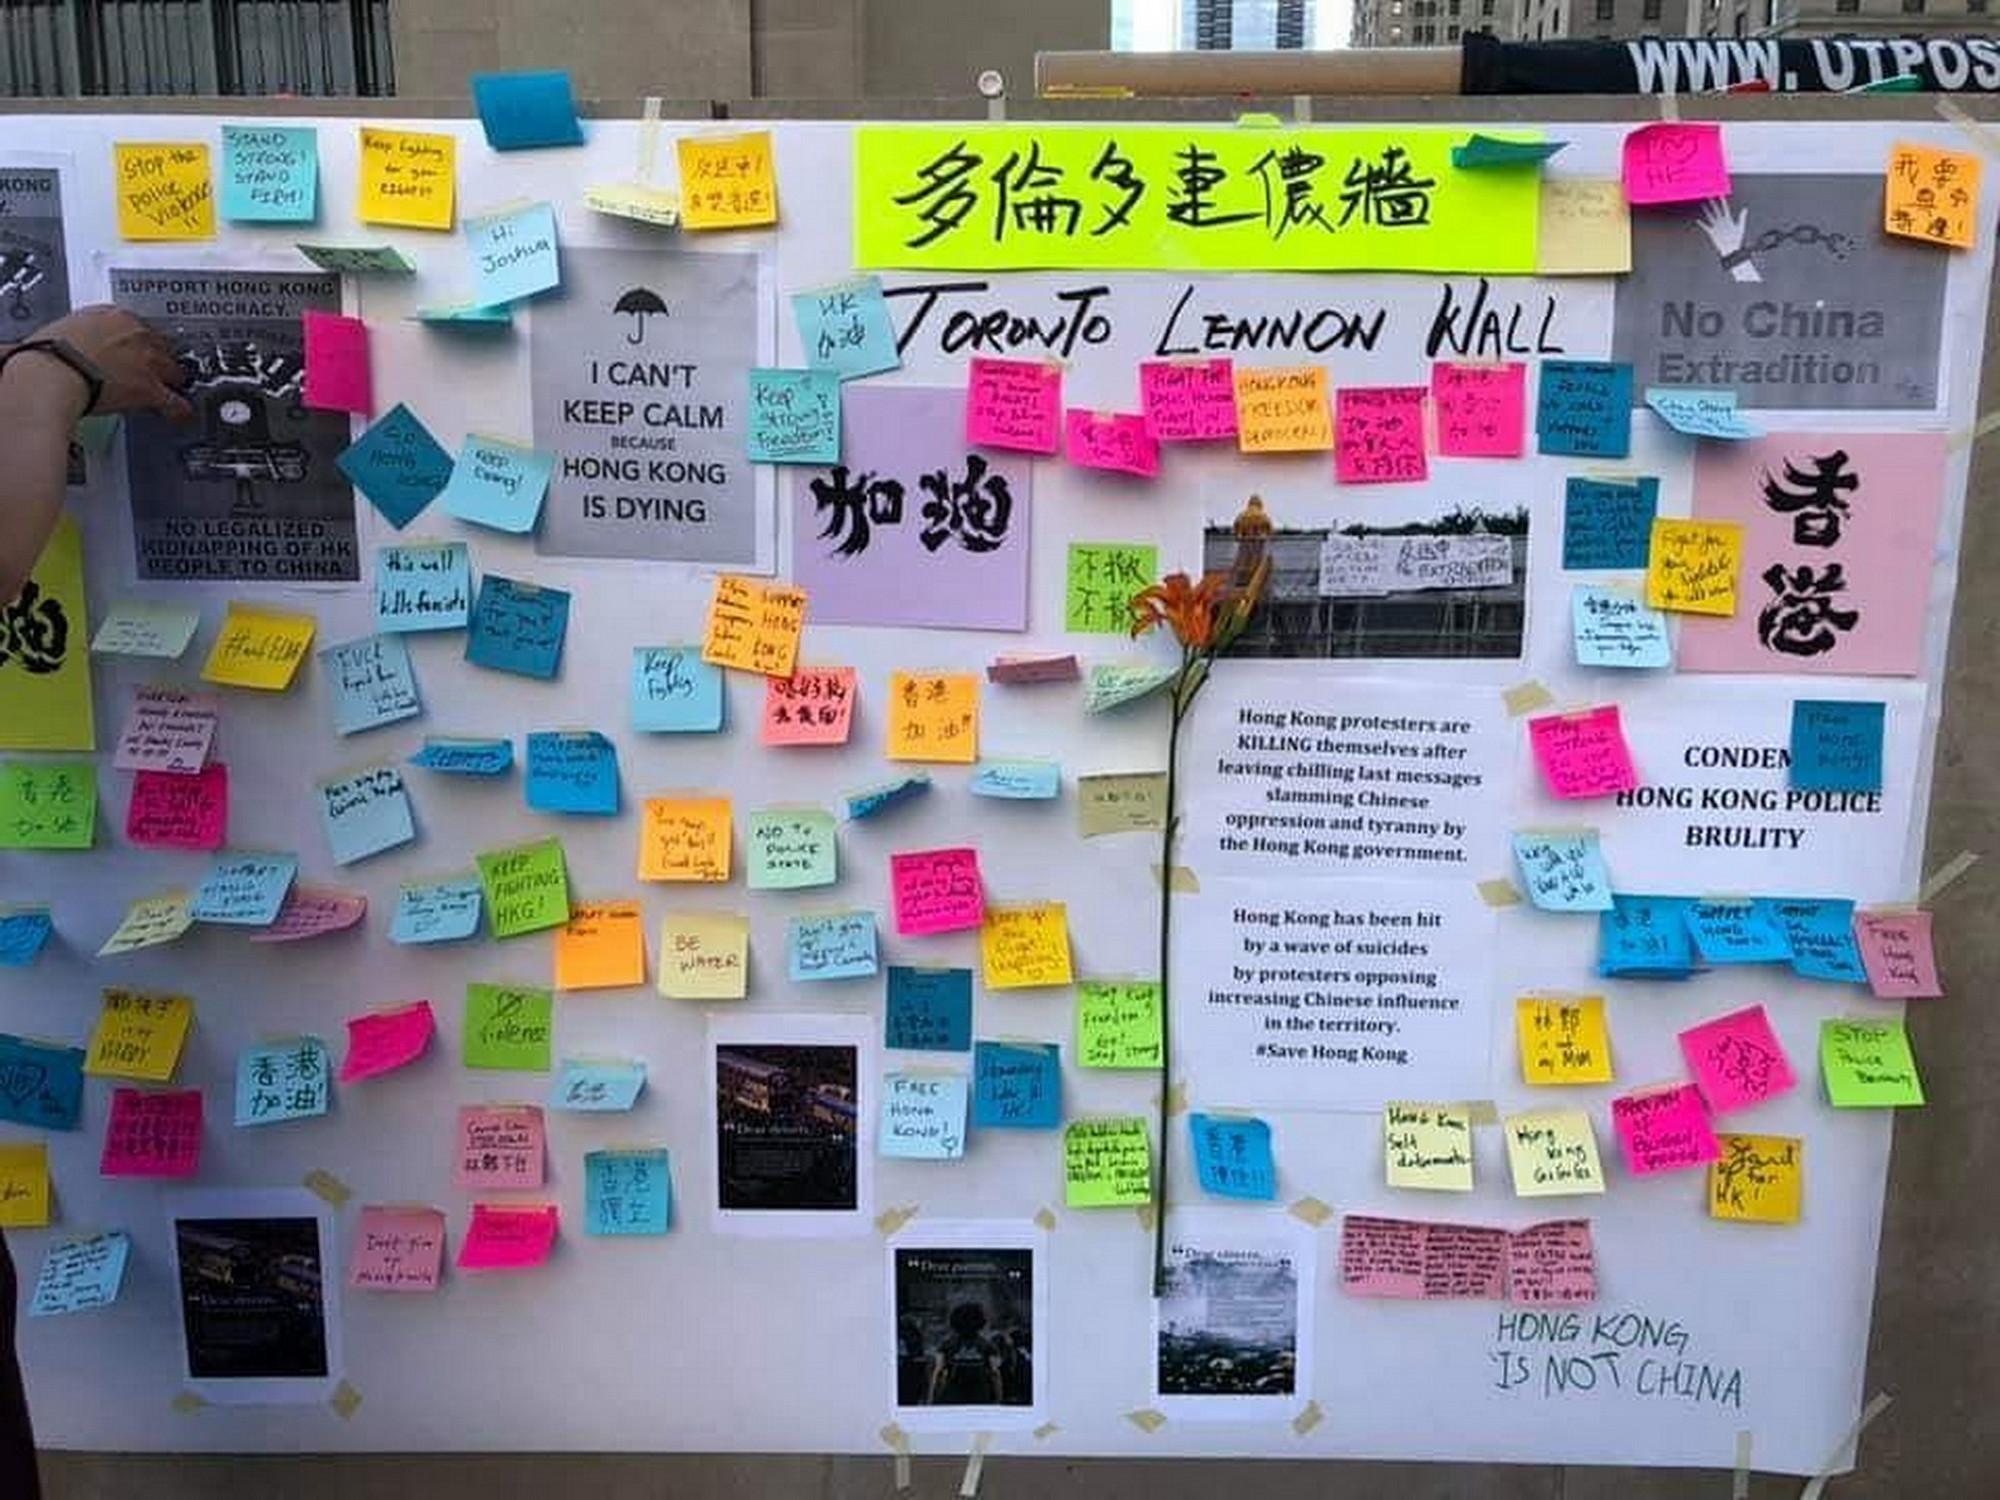 連儂牆 展示加拿大人對香港民主運動支持